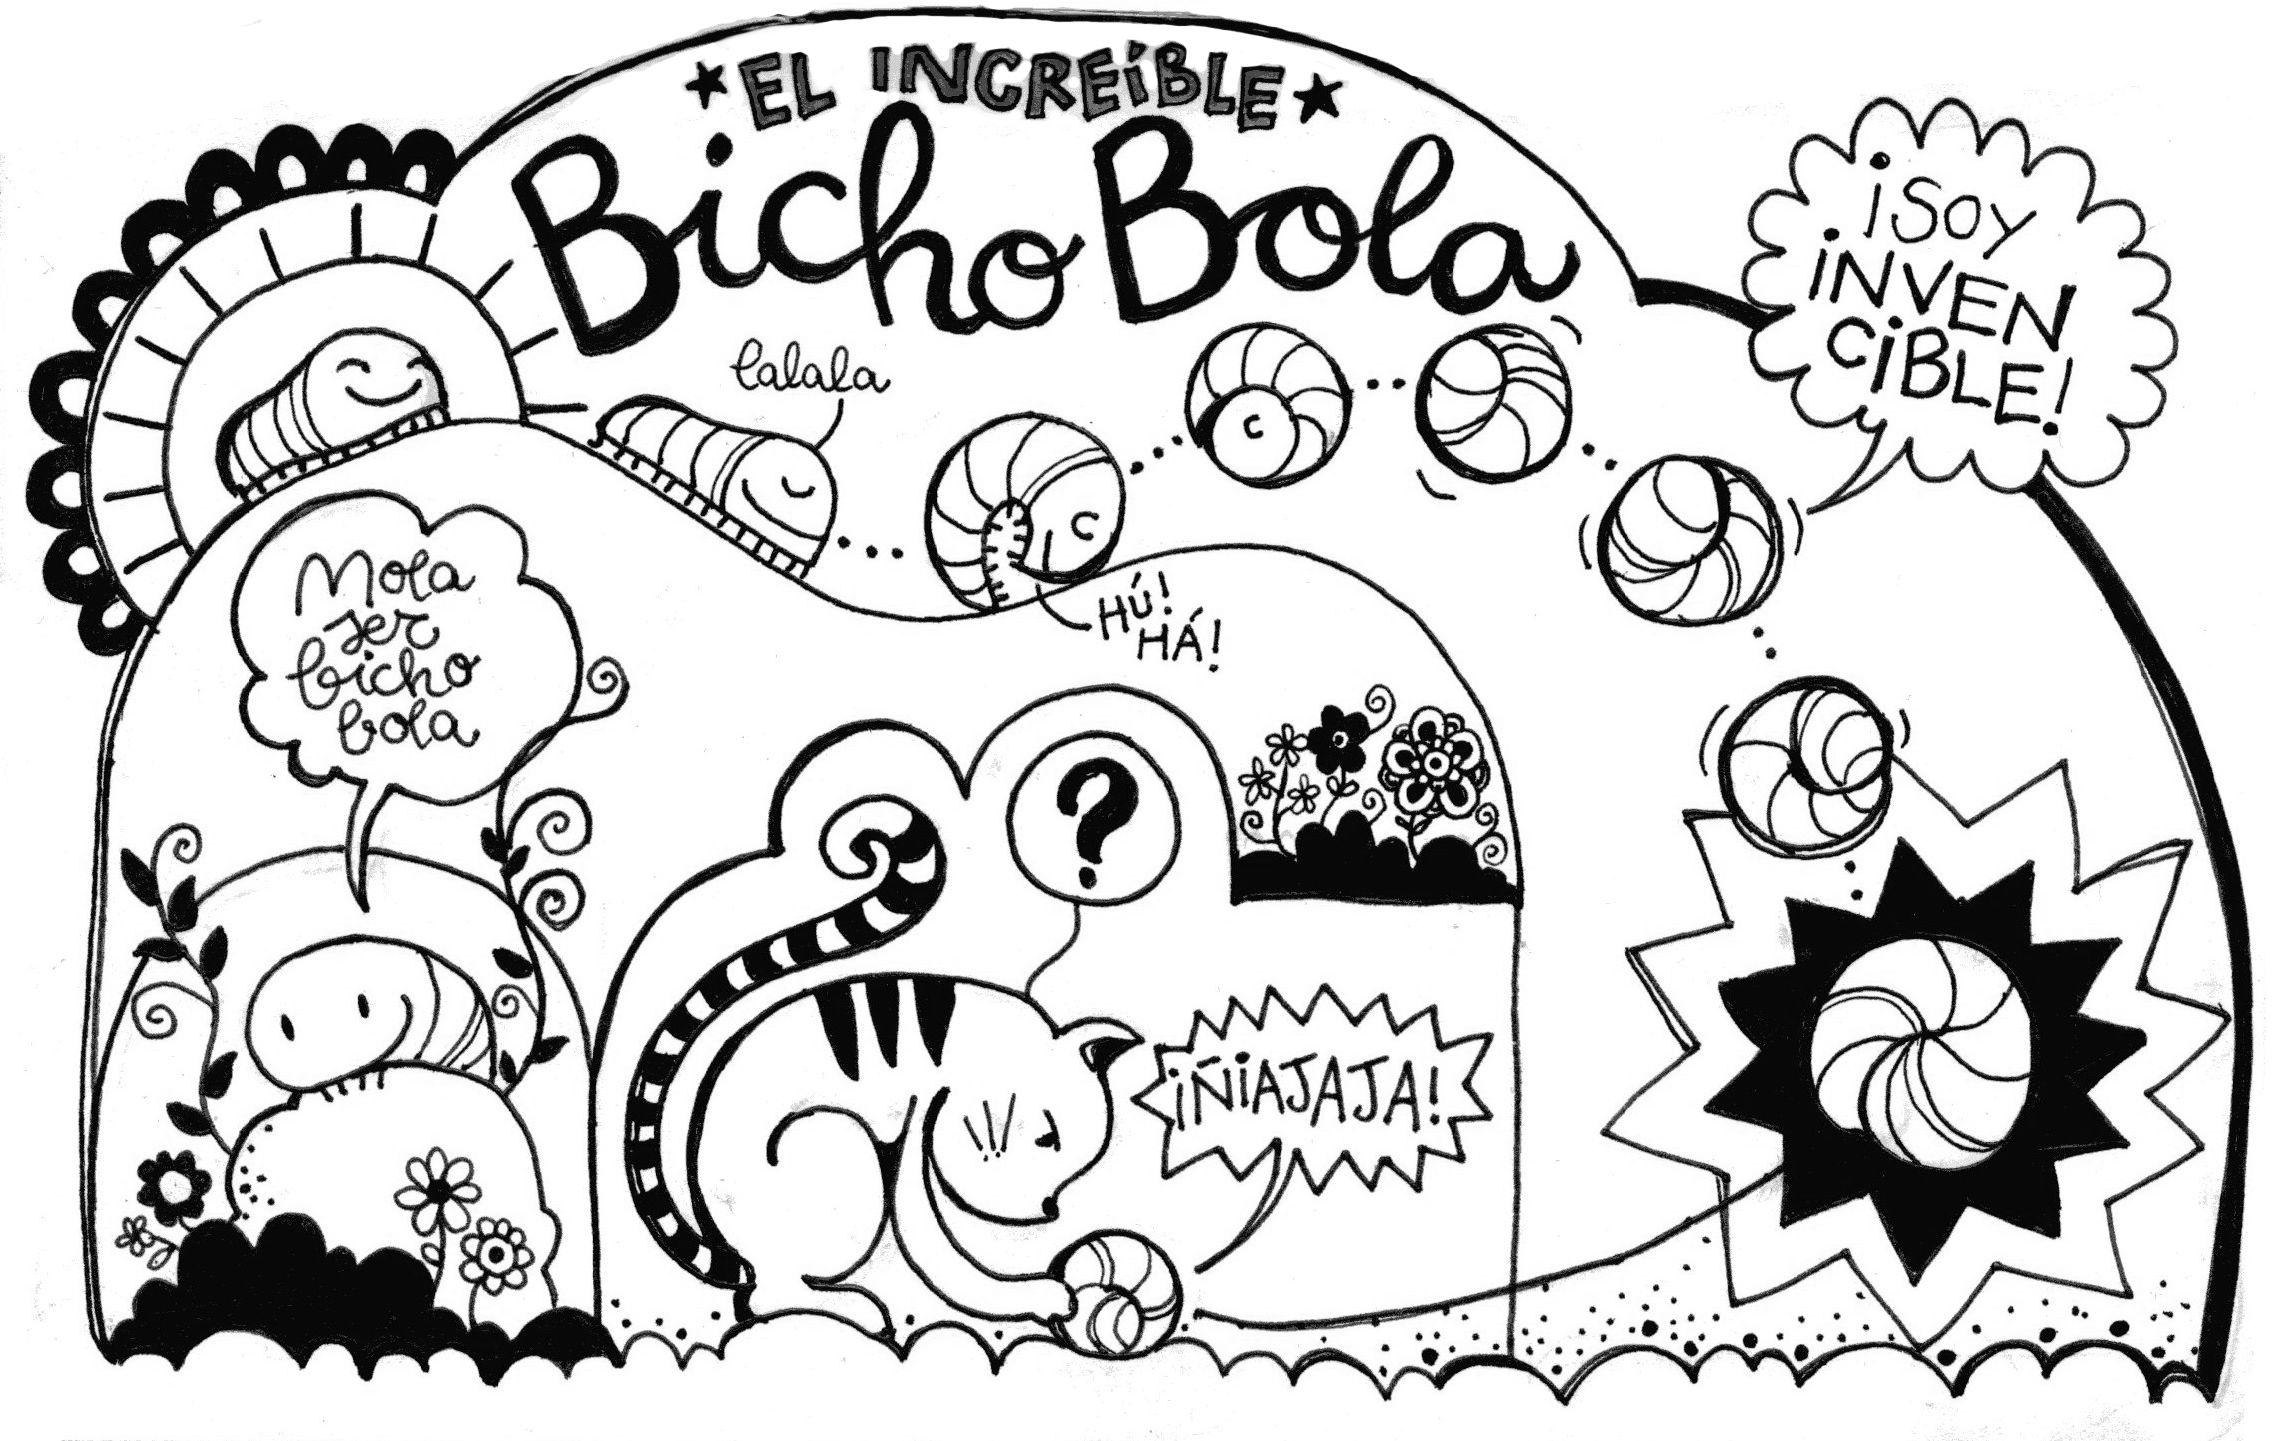 Cómic bicho bola   Primavera   Pinterest   Bichos, Cómic y Bolitas